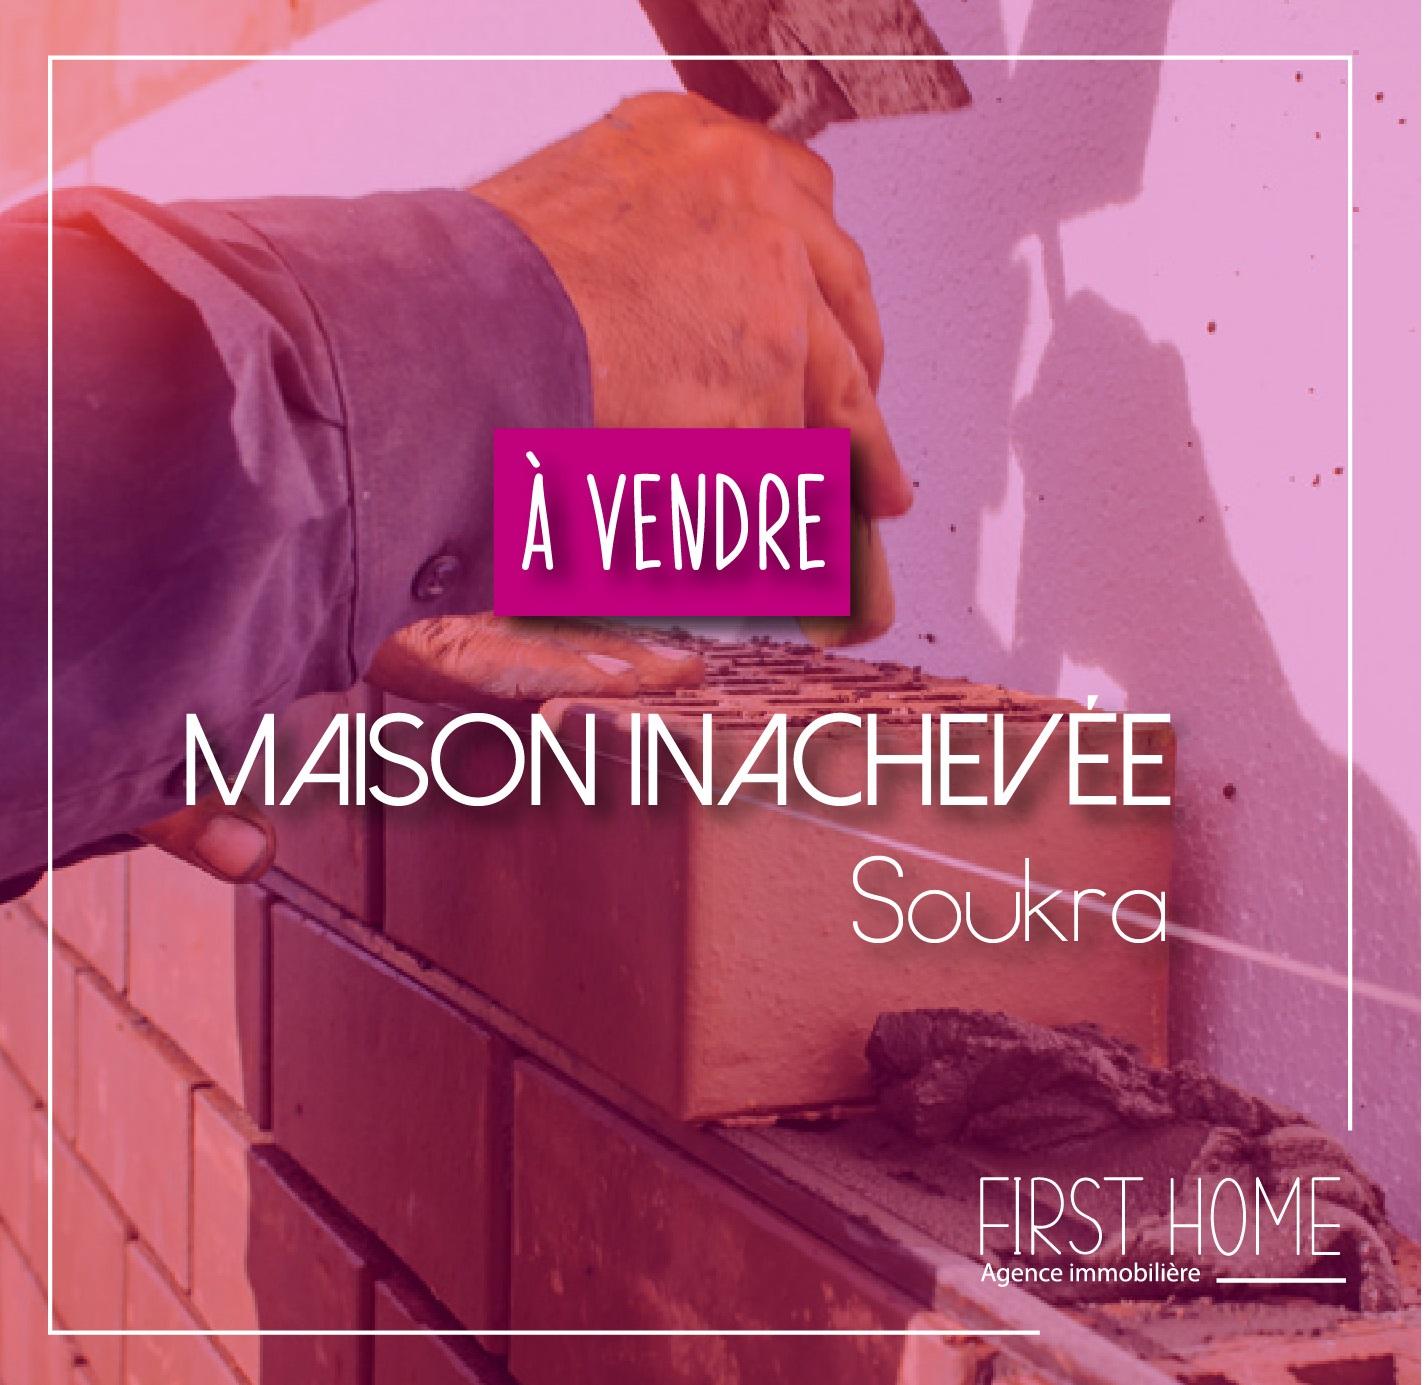 A vendre une maison inachevée à la Soukra